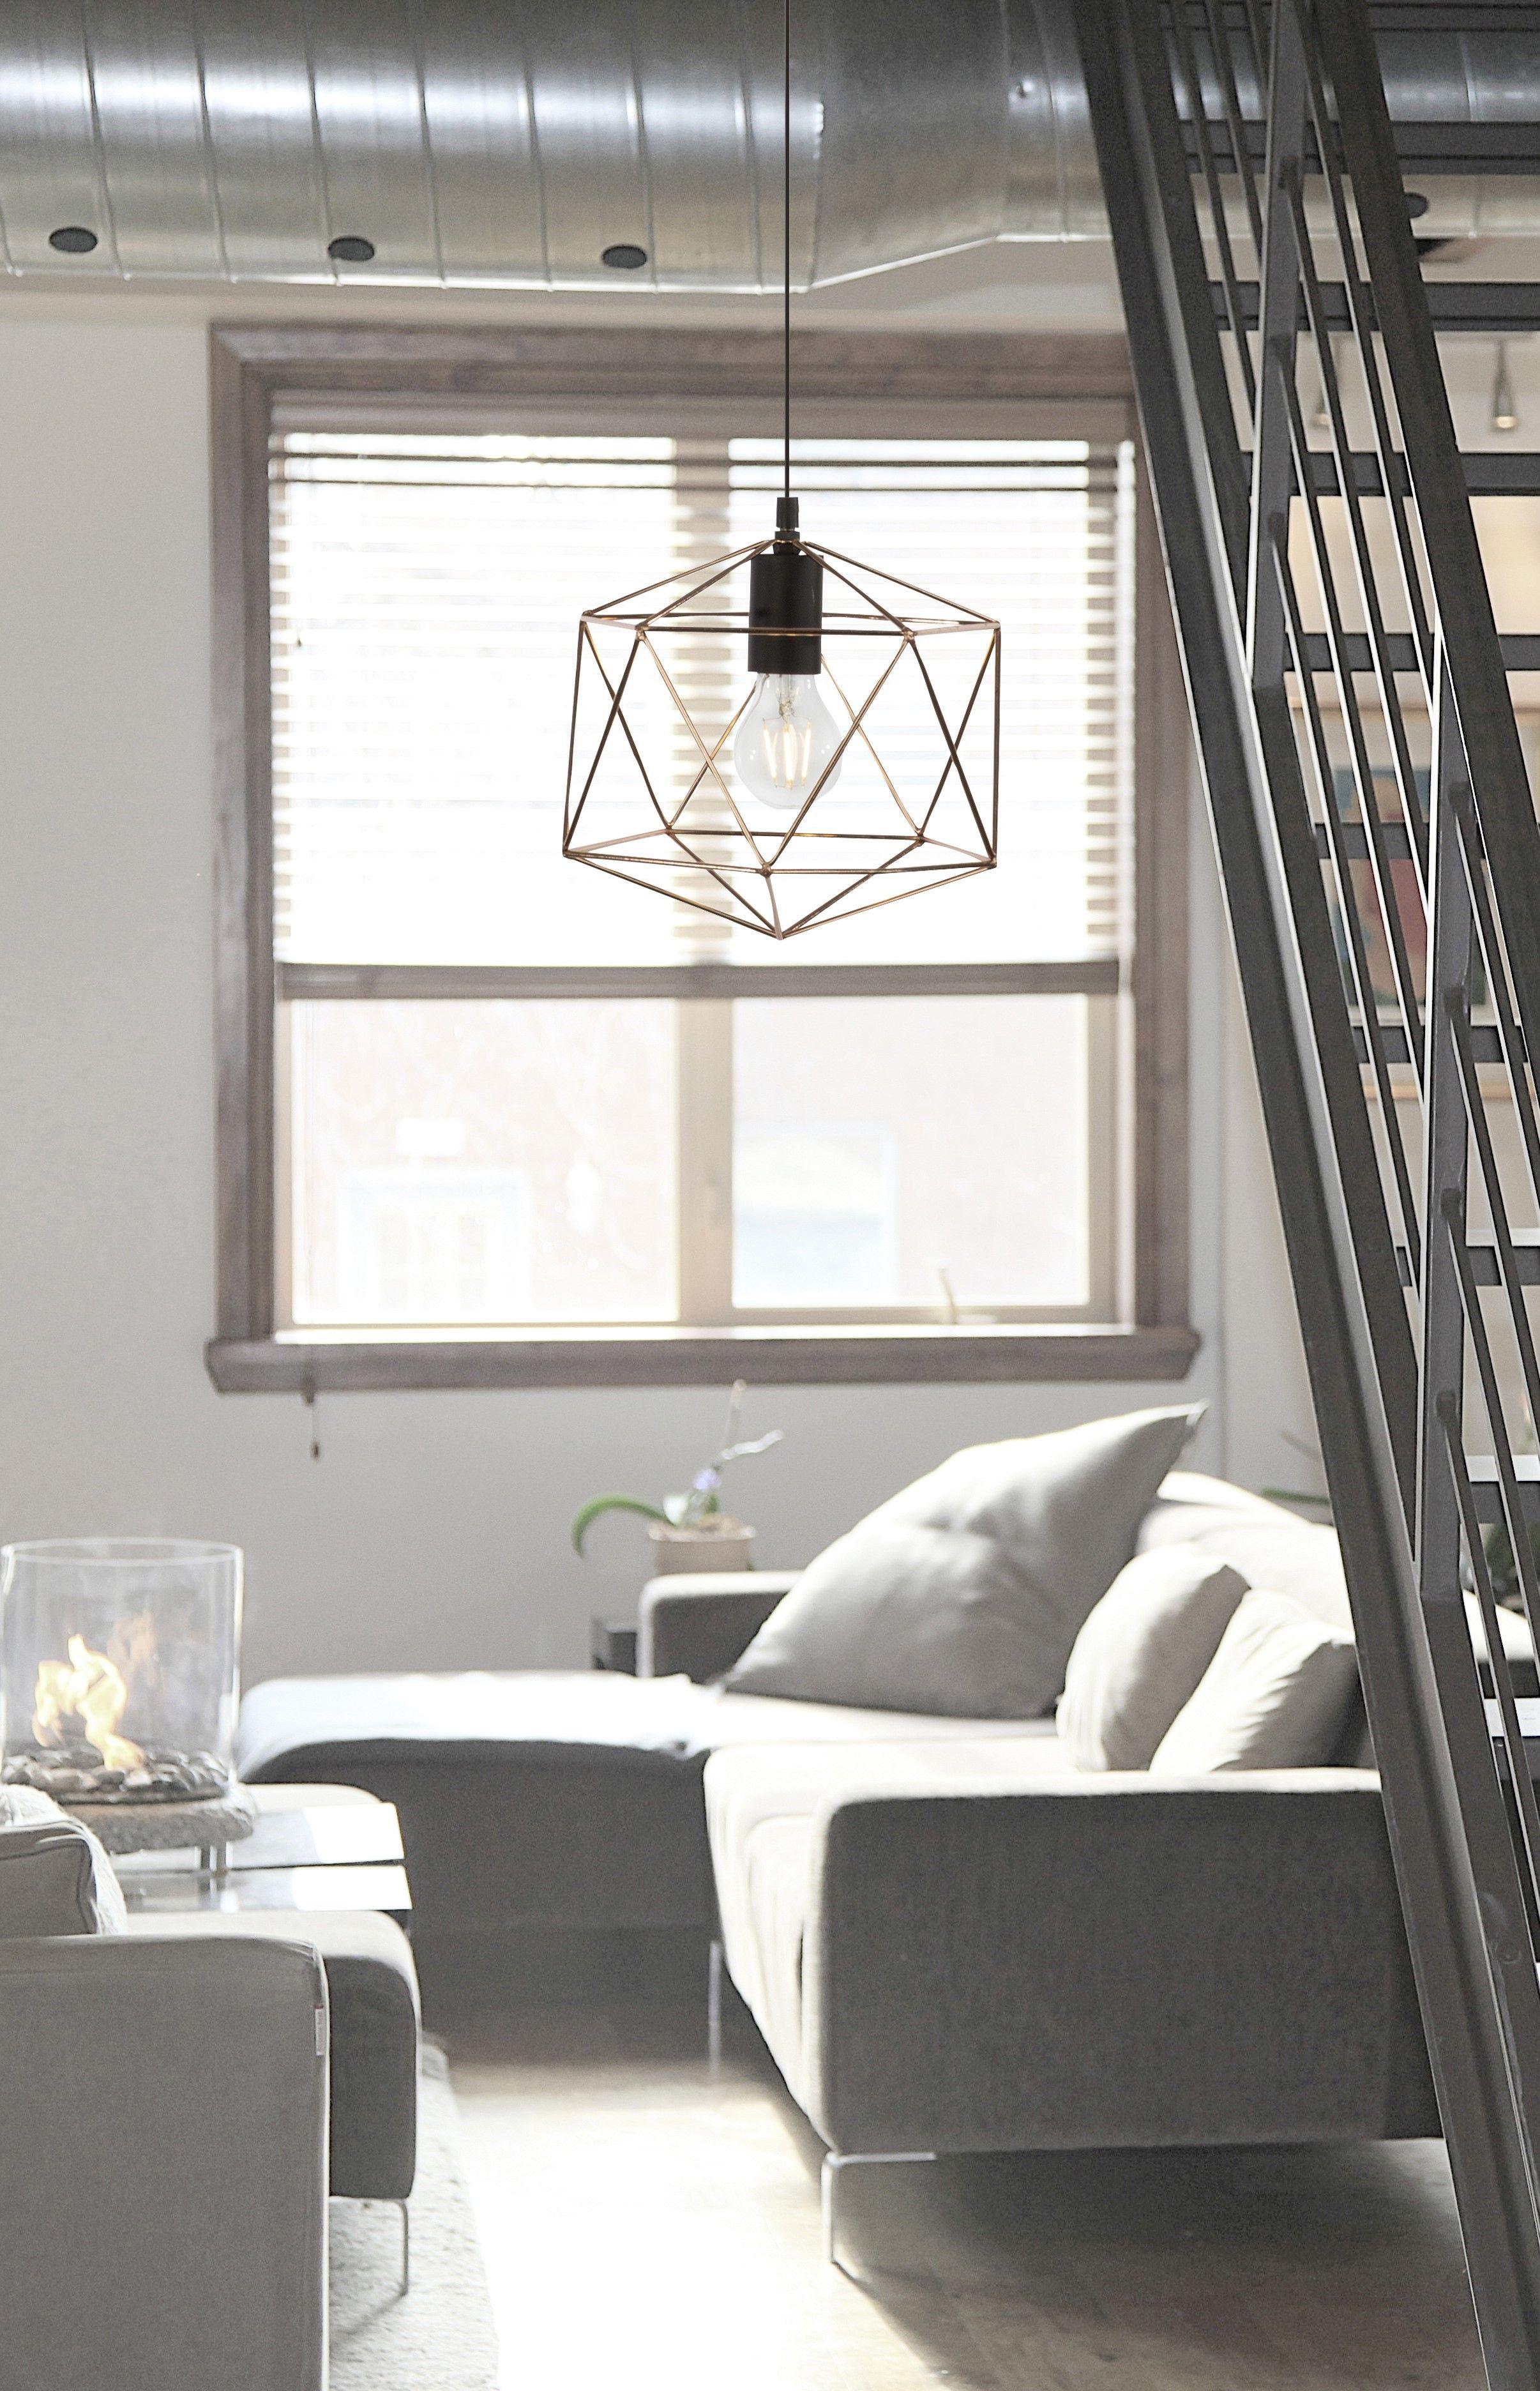 Ansprechend Esstischlampe Modern Ideen Von Geometrische Pendelleuchte 1-flammig Chsuperble